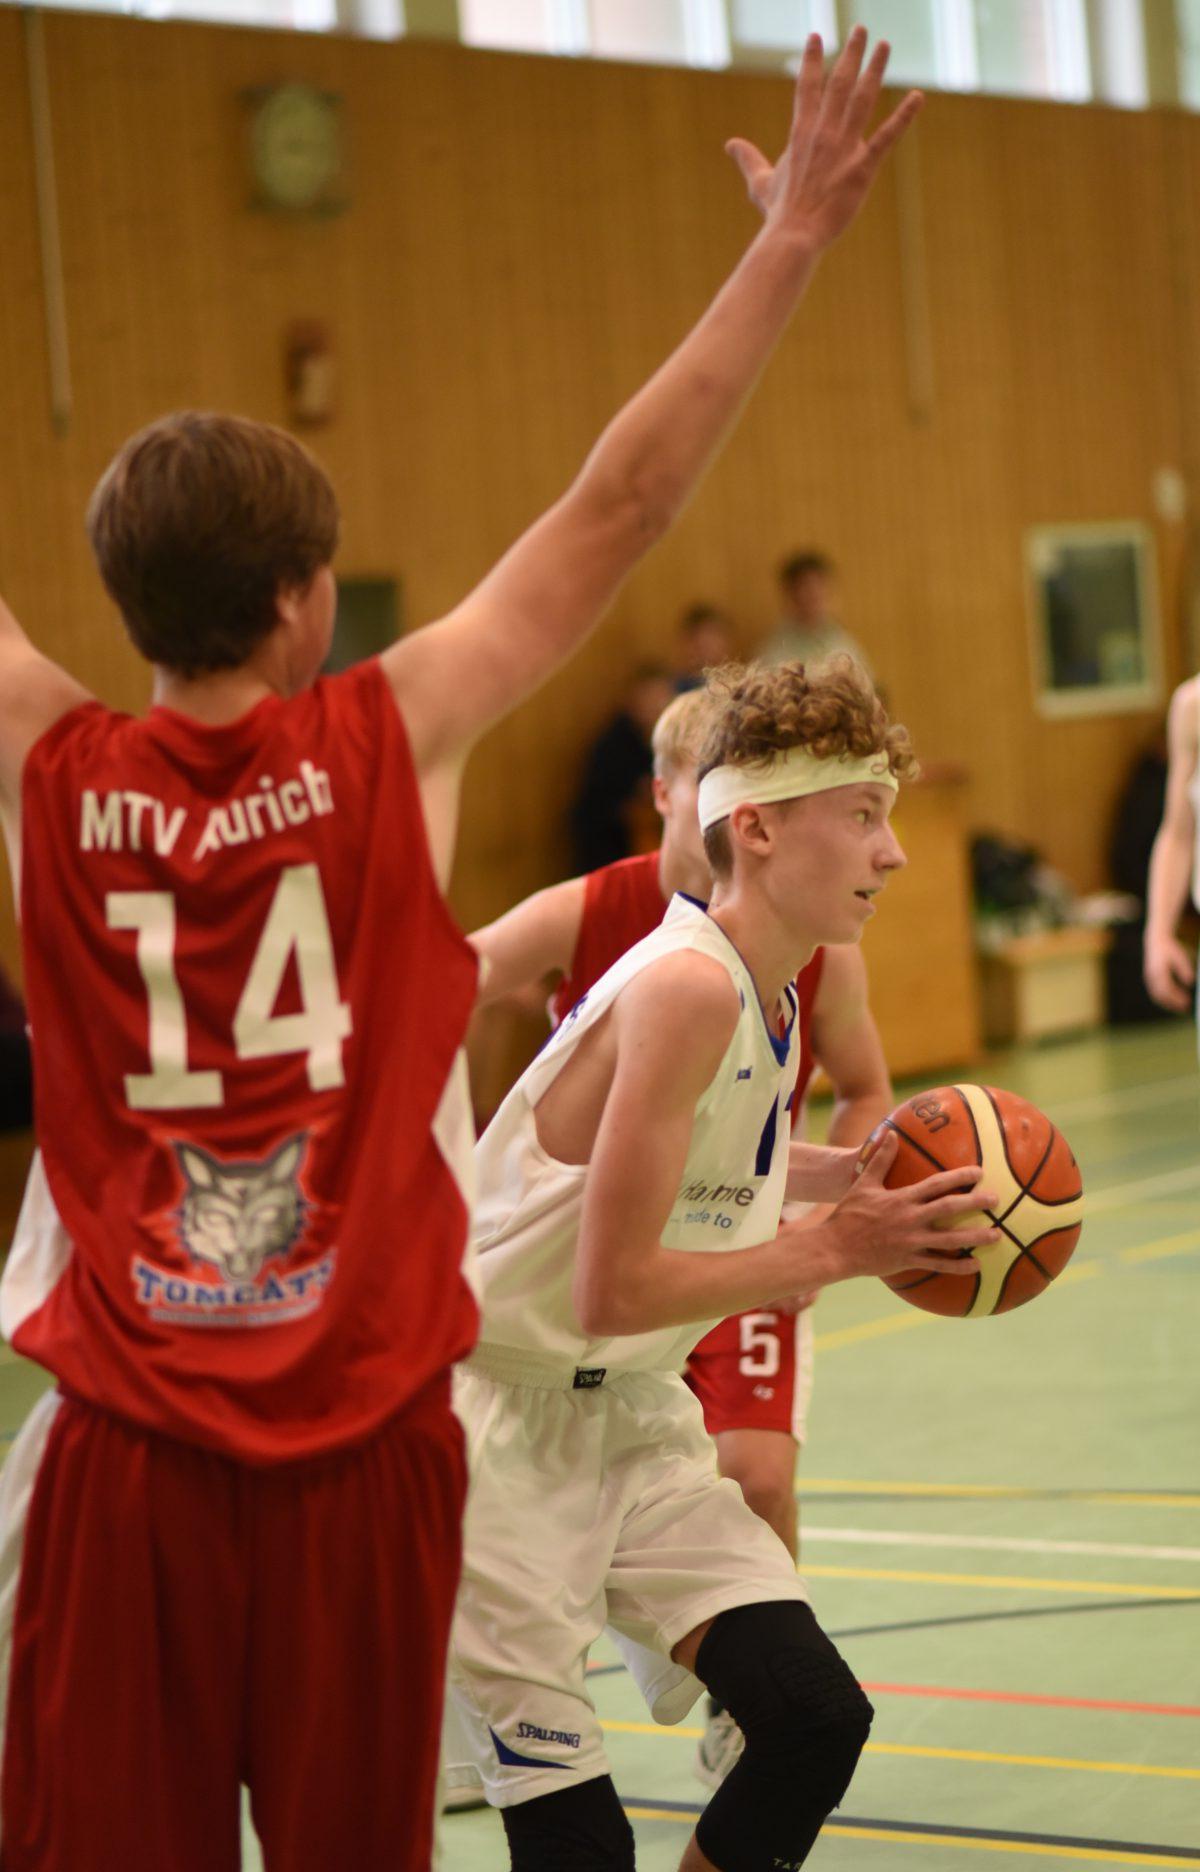 80:44 – U18 gewinnt auch zweites Spiel gegen MTV Aurich deutlich